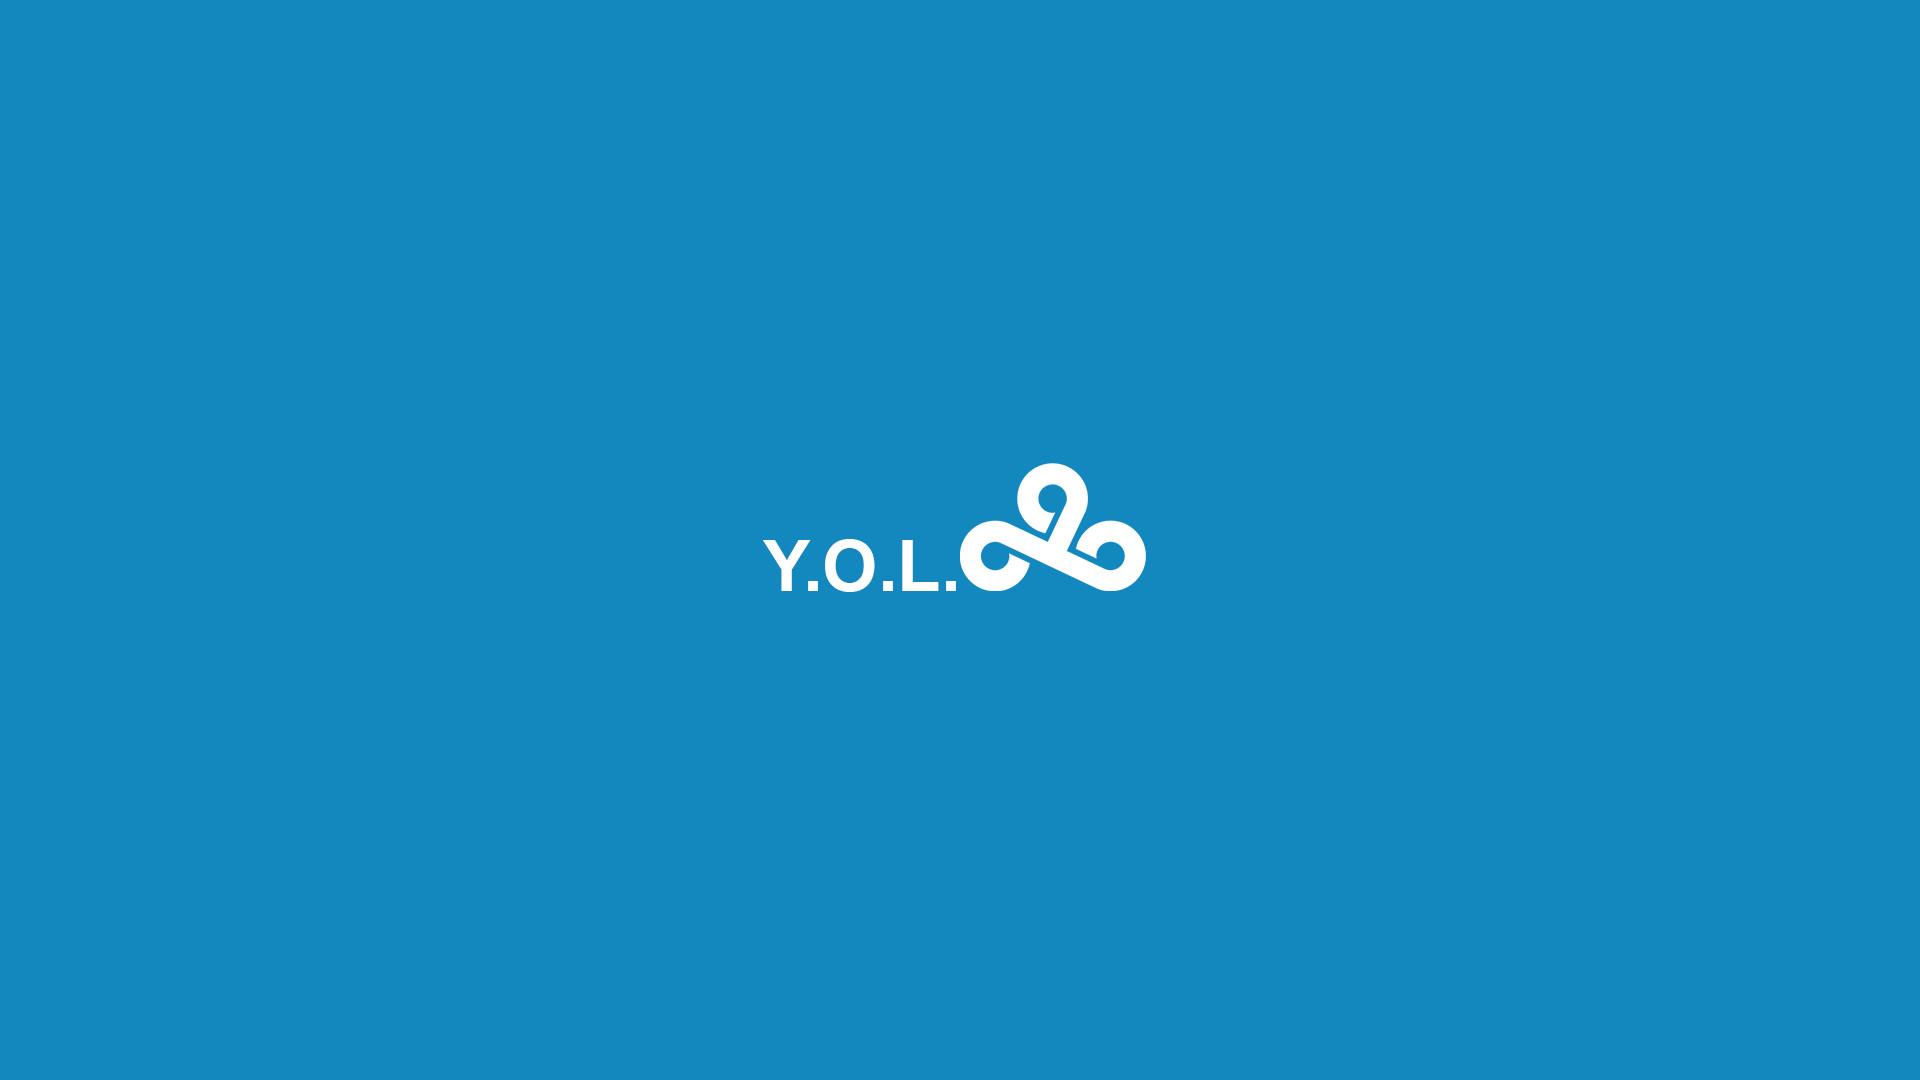 Cloud 9 Yolo